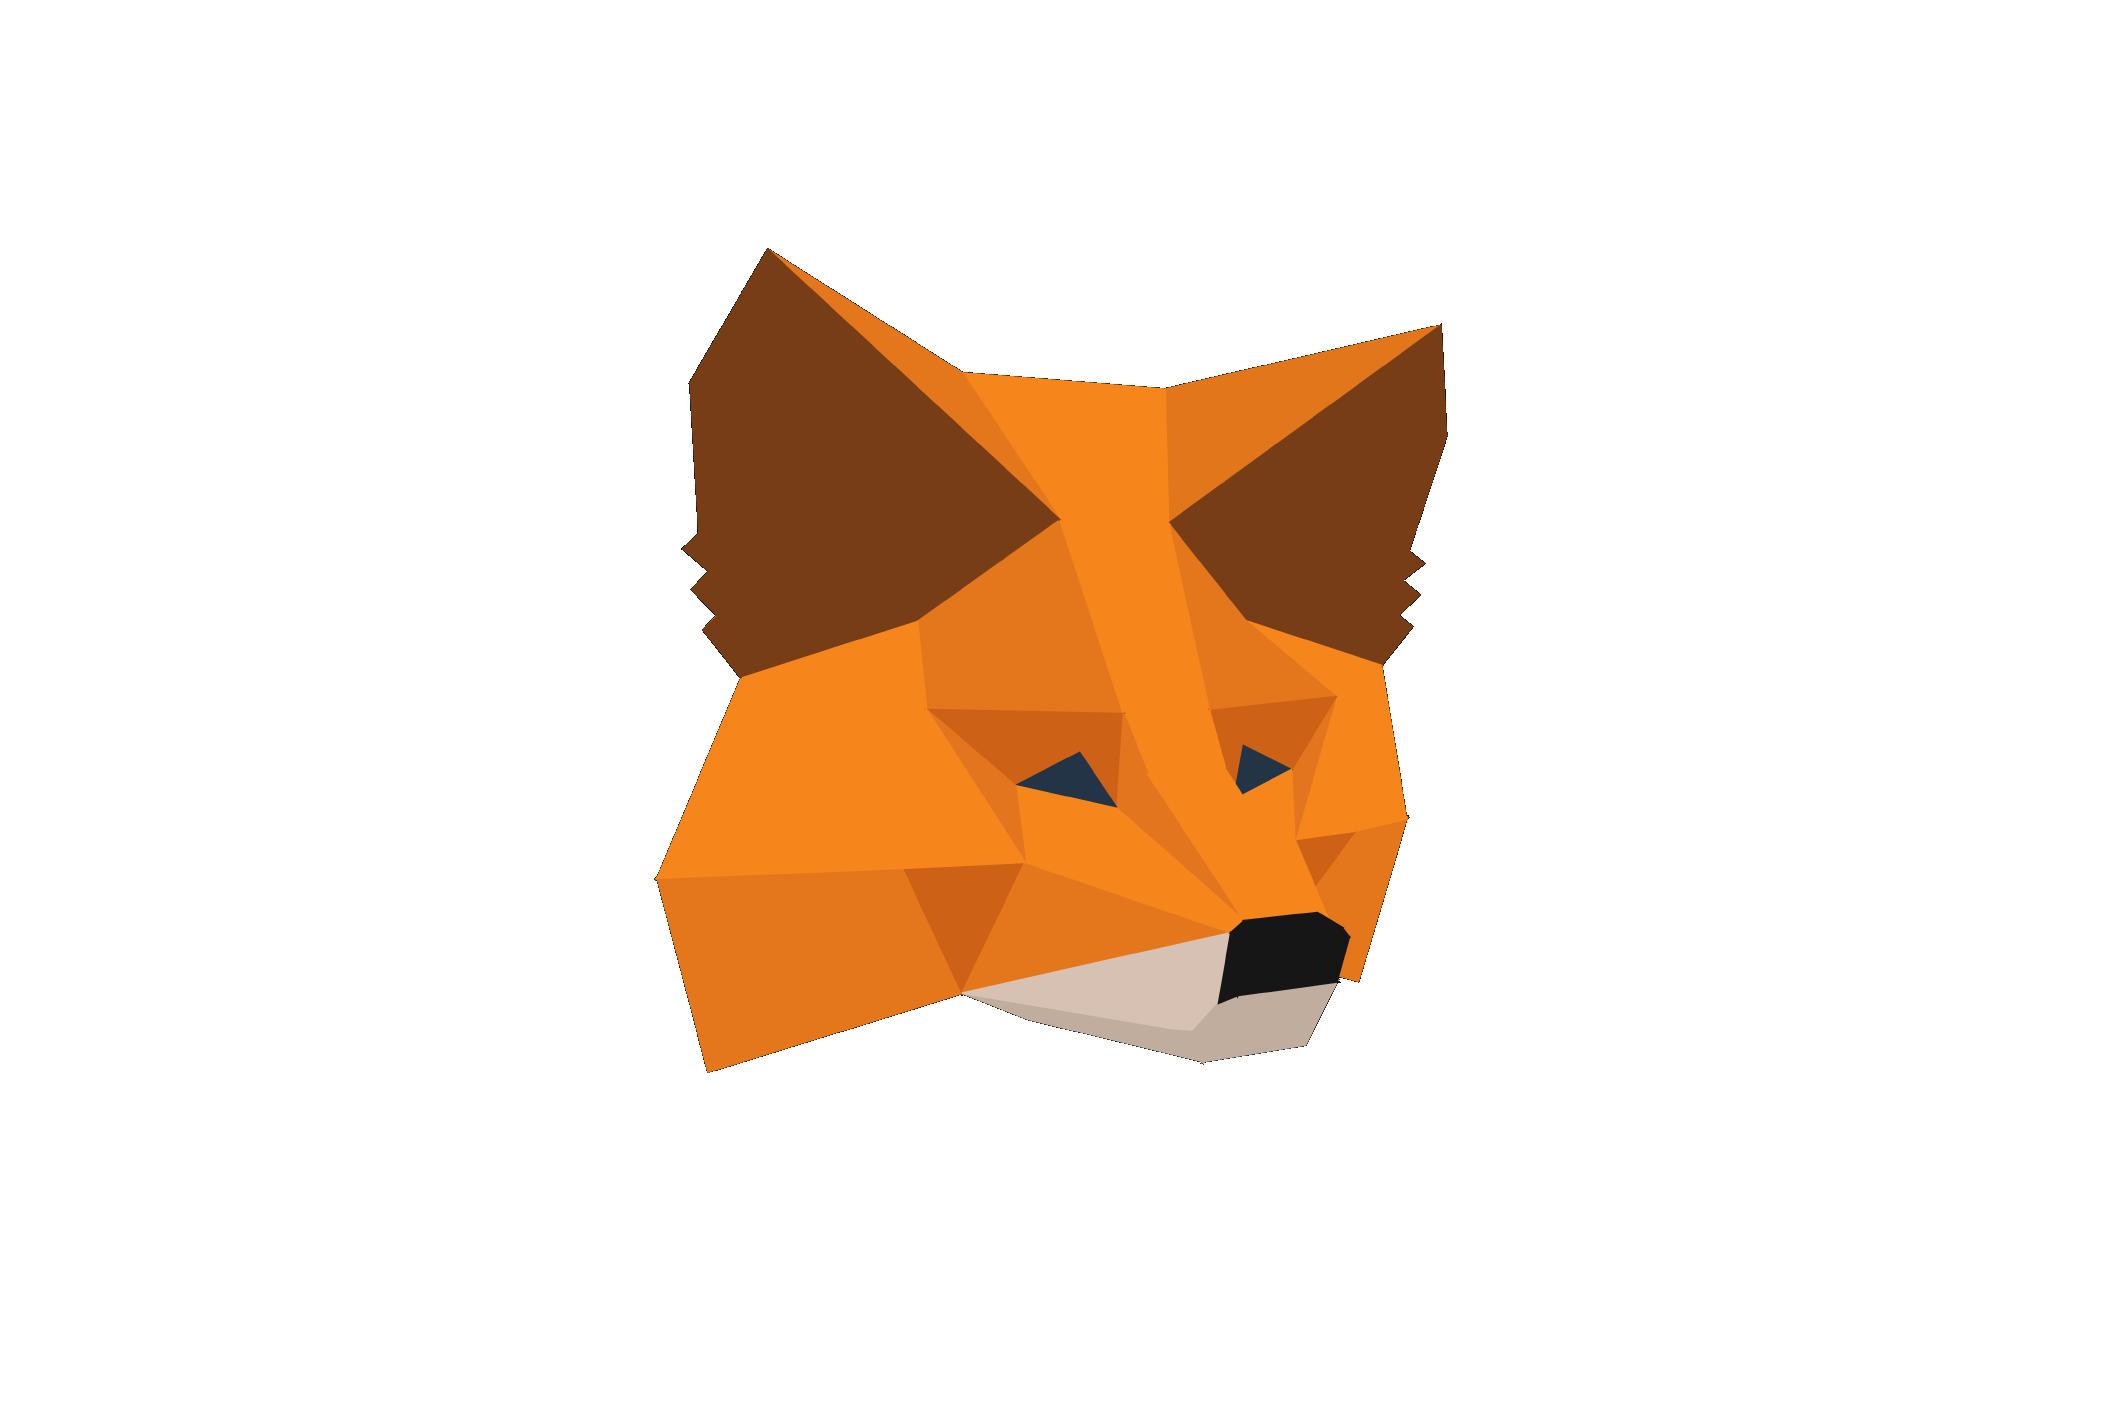 Meta Mask icon